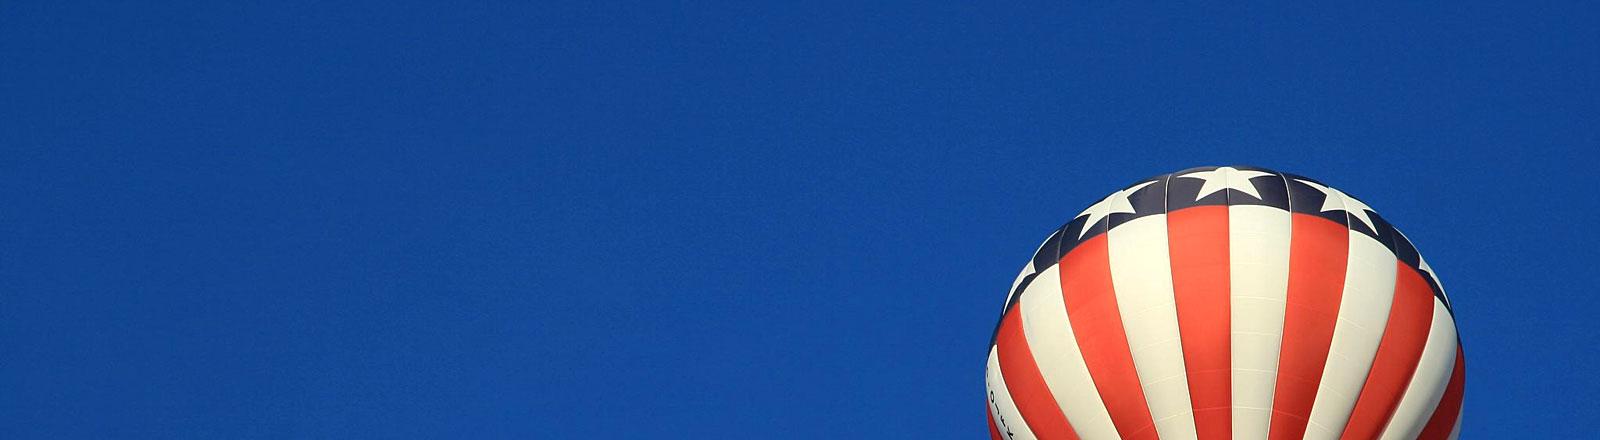 Ballon in USA-Farben